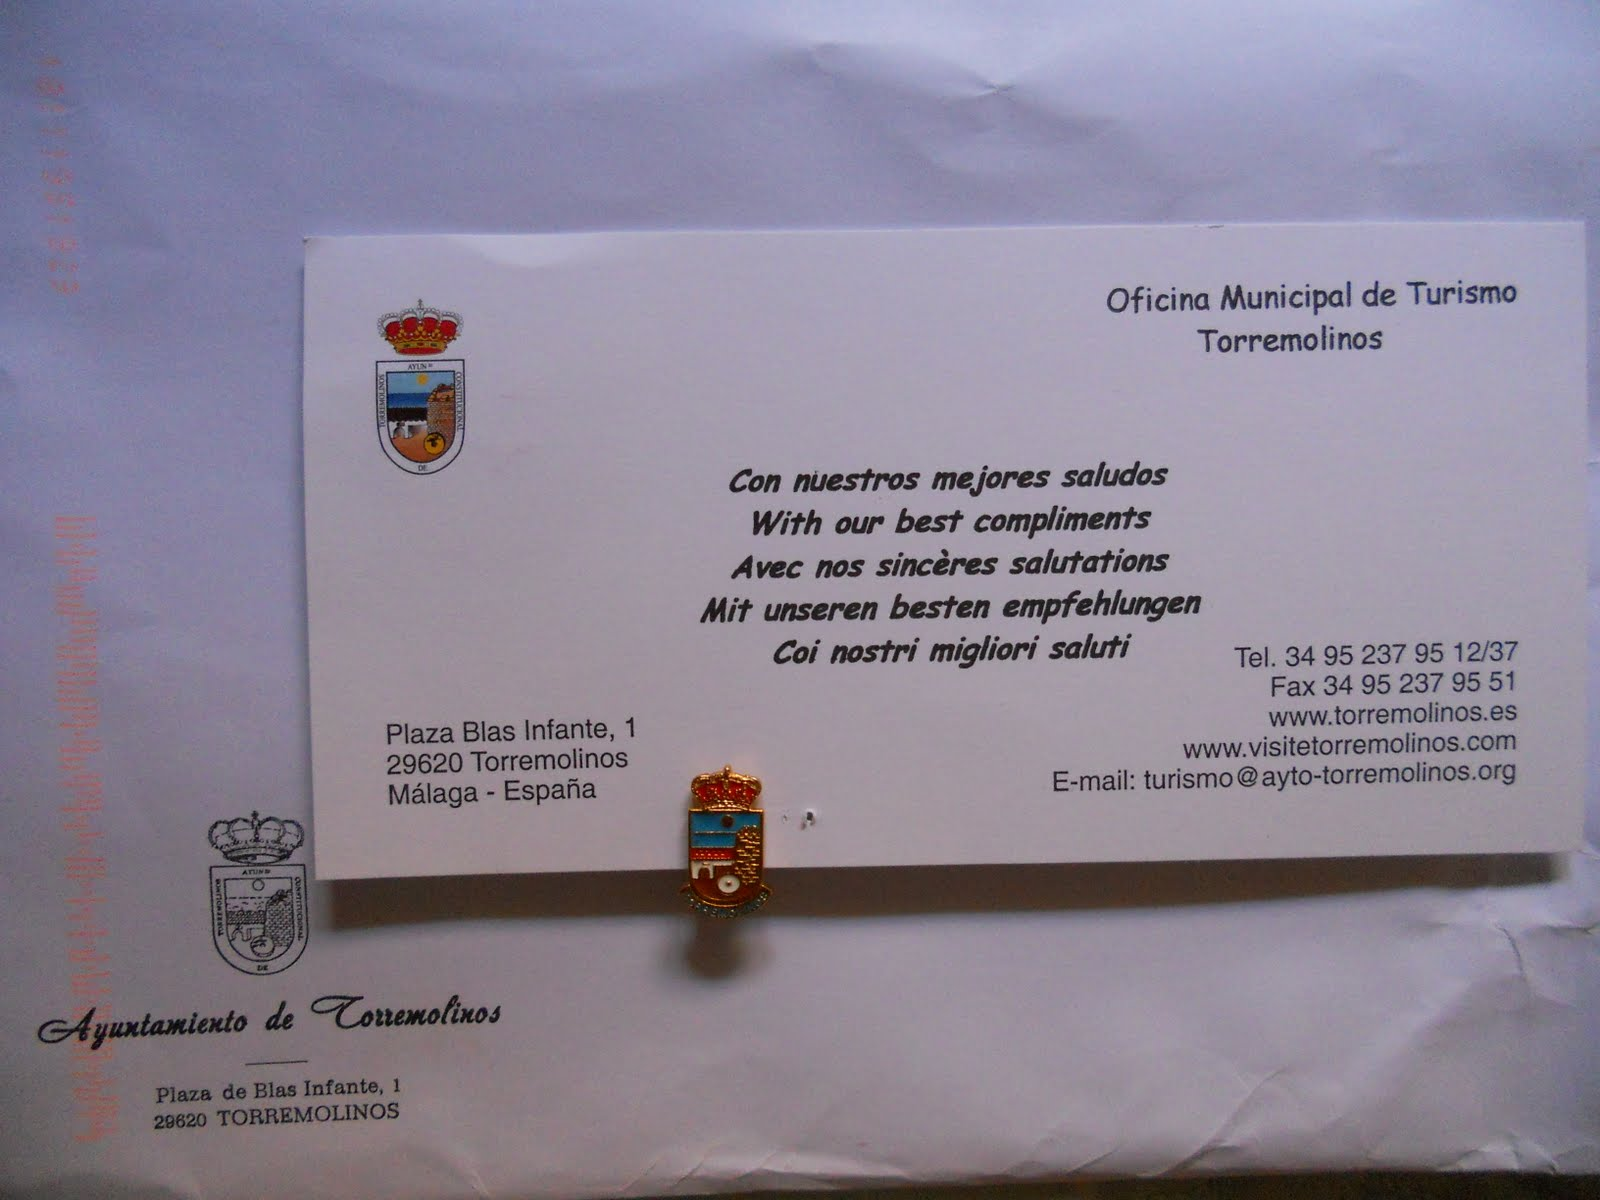 Pinspalomo pueblos de malaga andalucia for Oficina de turismo malaga